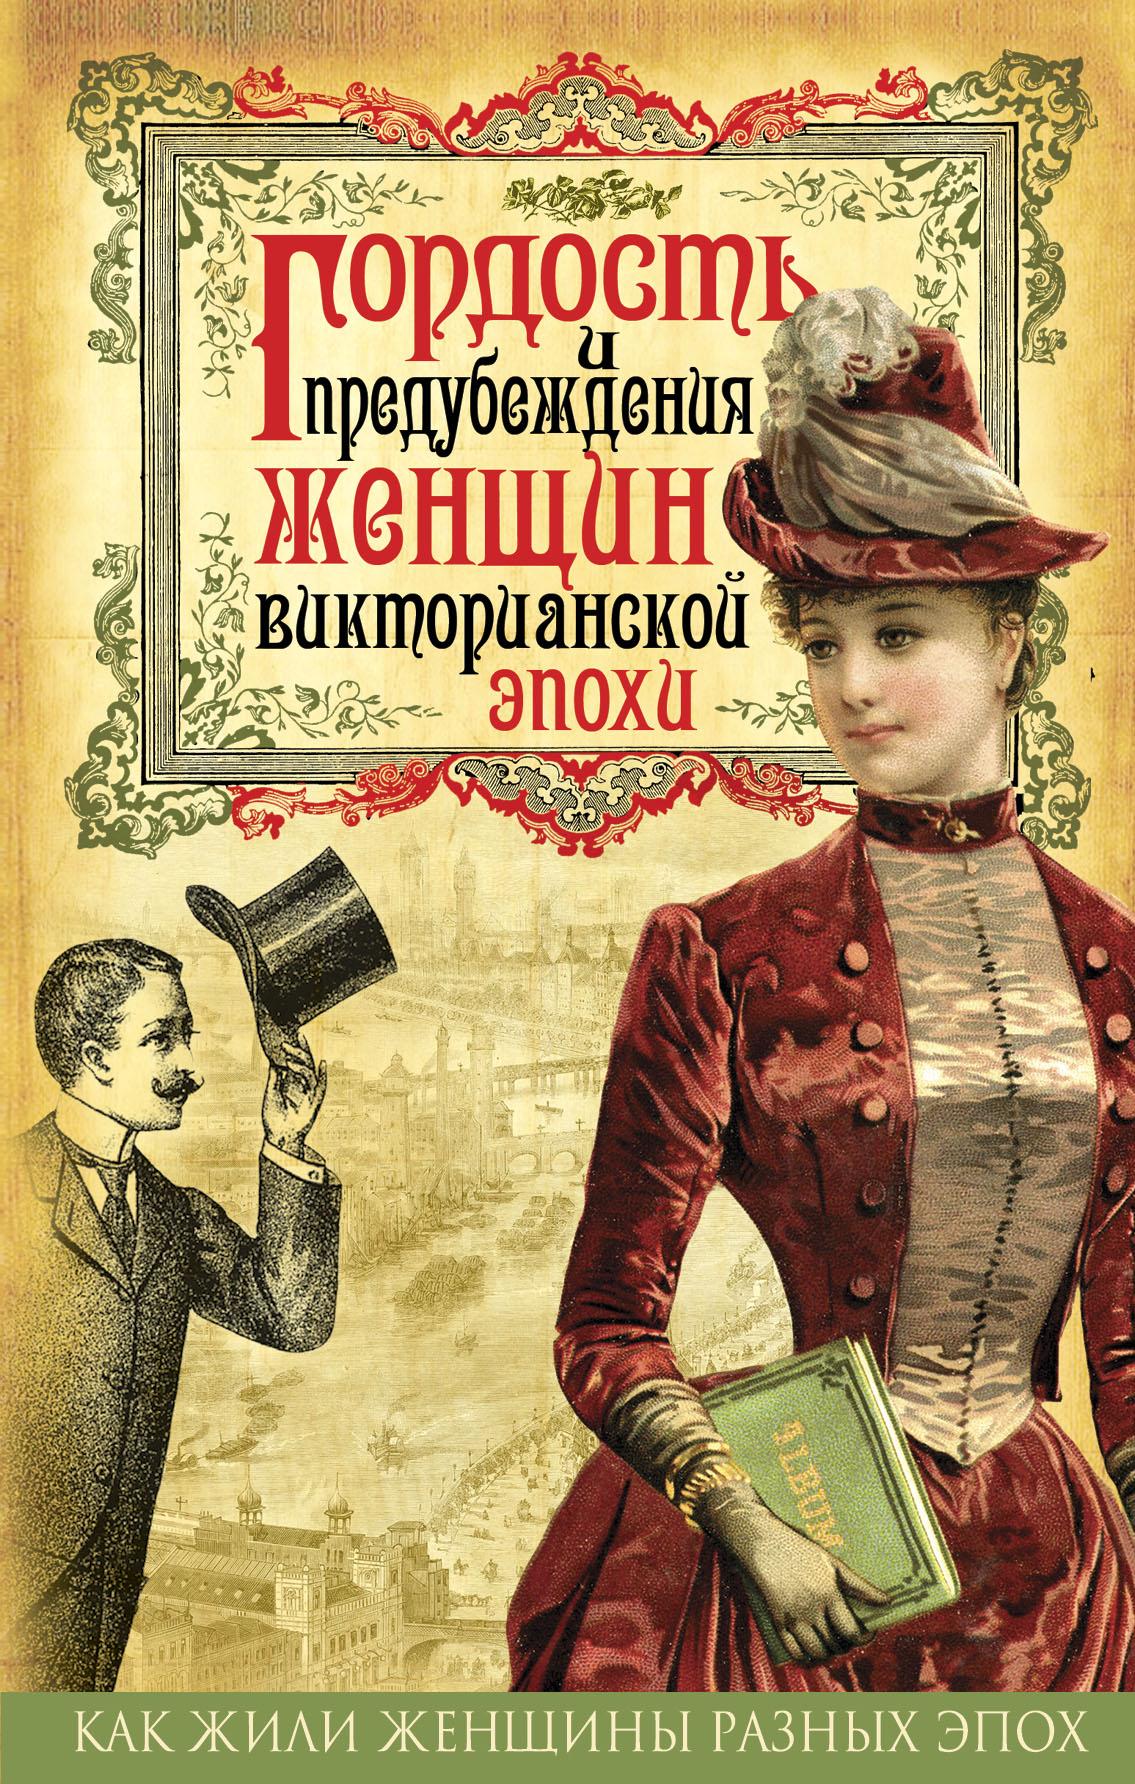 Гордость и предубеждения женщин Викторианской эпохи.